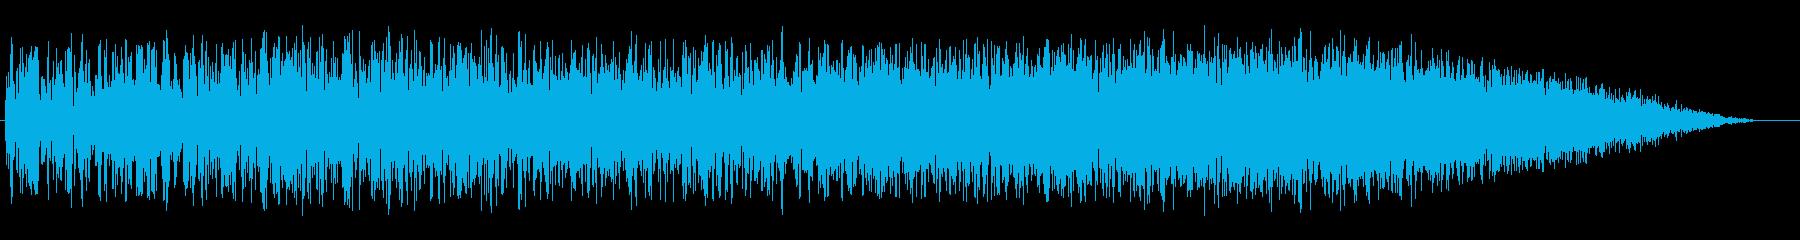 宇宙船離陸・ワープ(上がり調子)の再生済みの波形